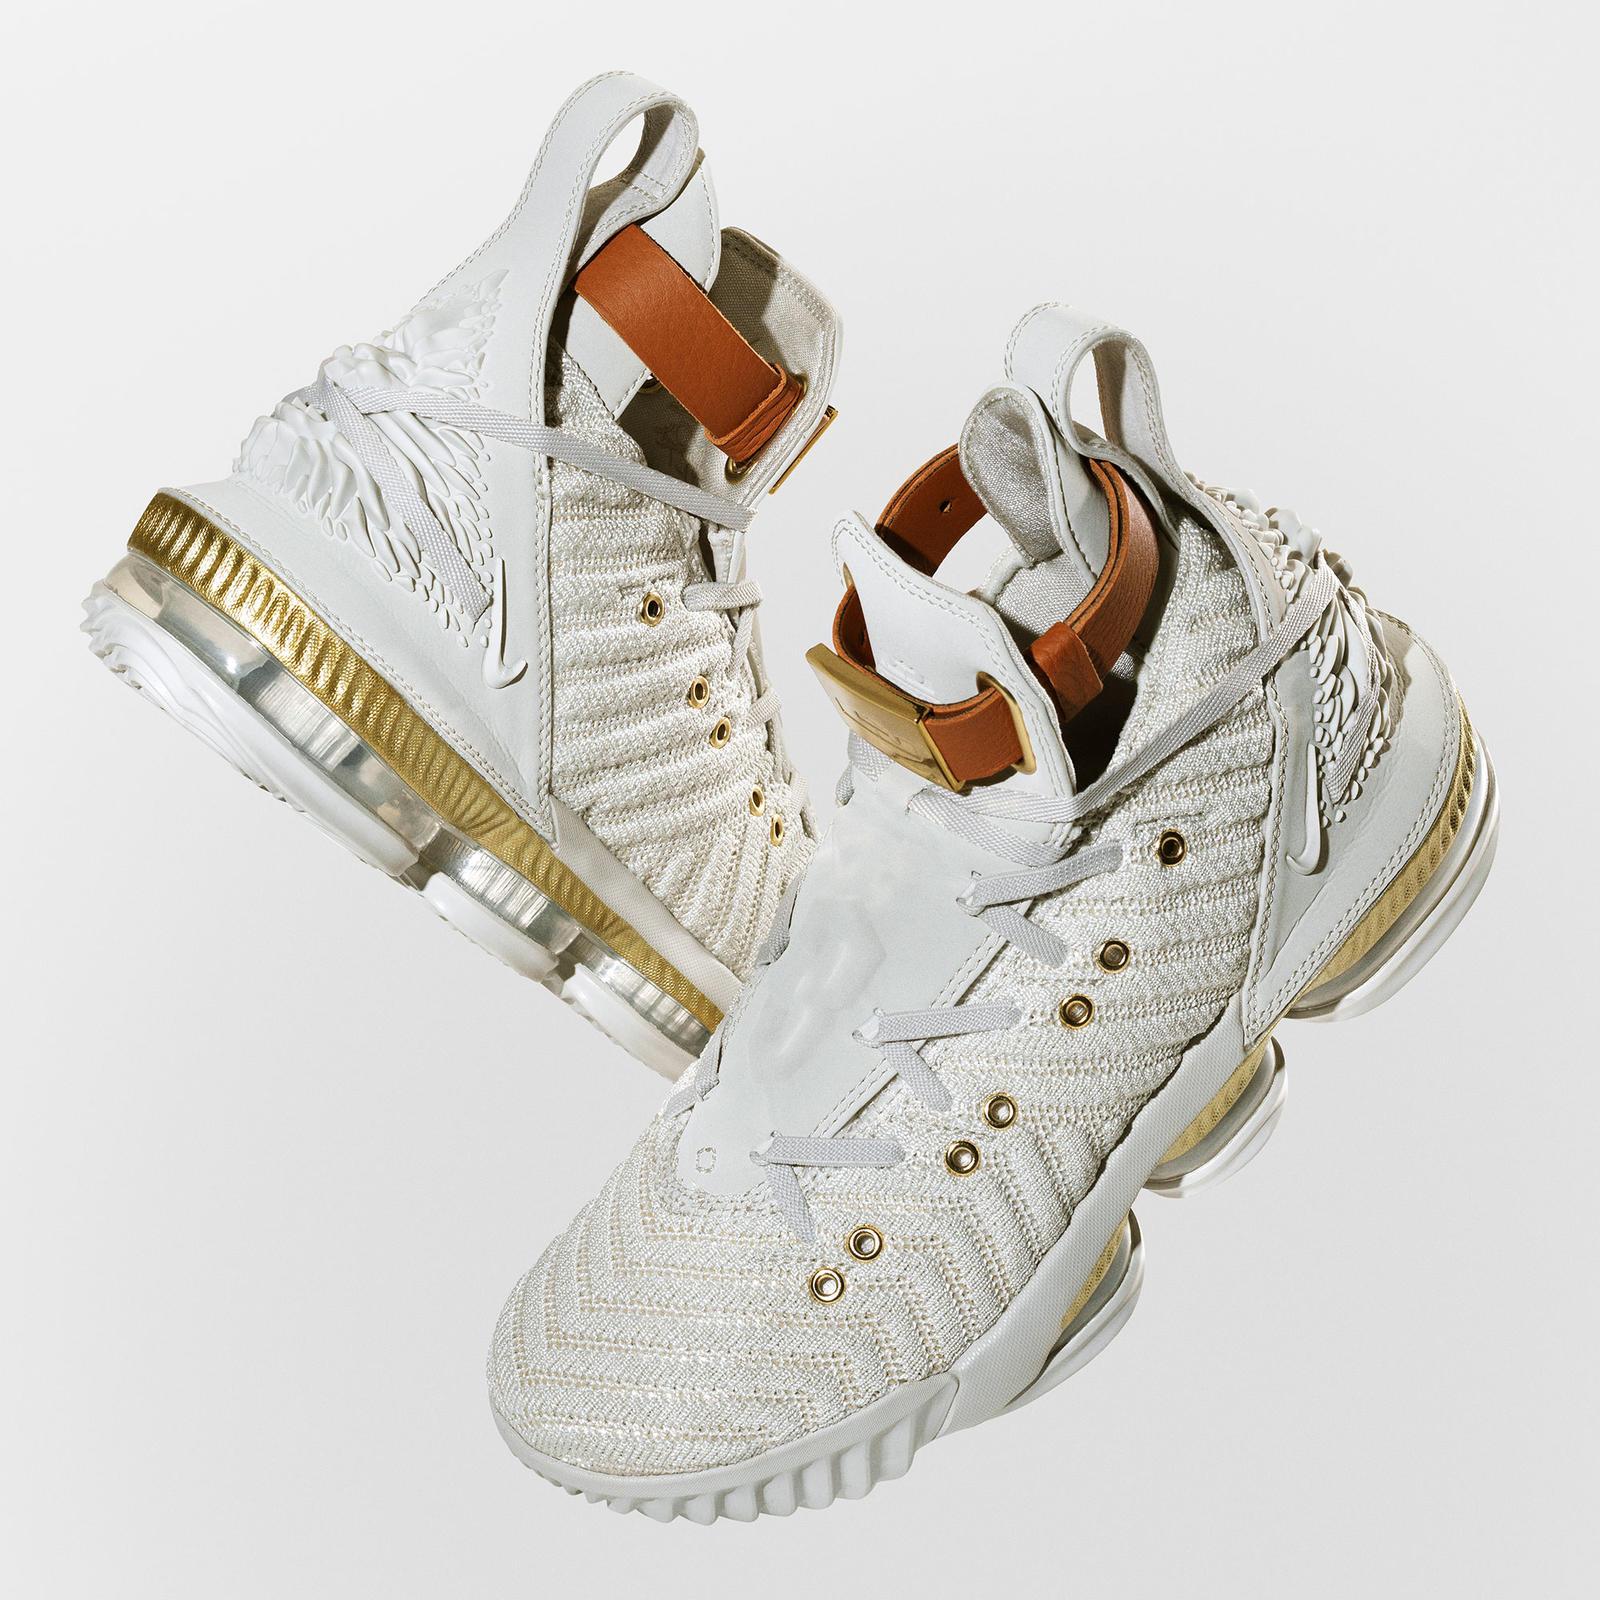 HFR x LeBron 16 - Nike